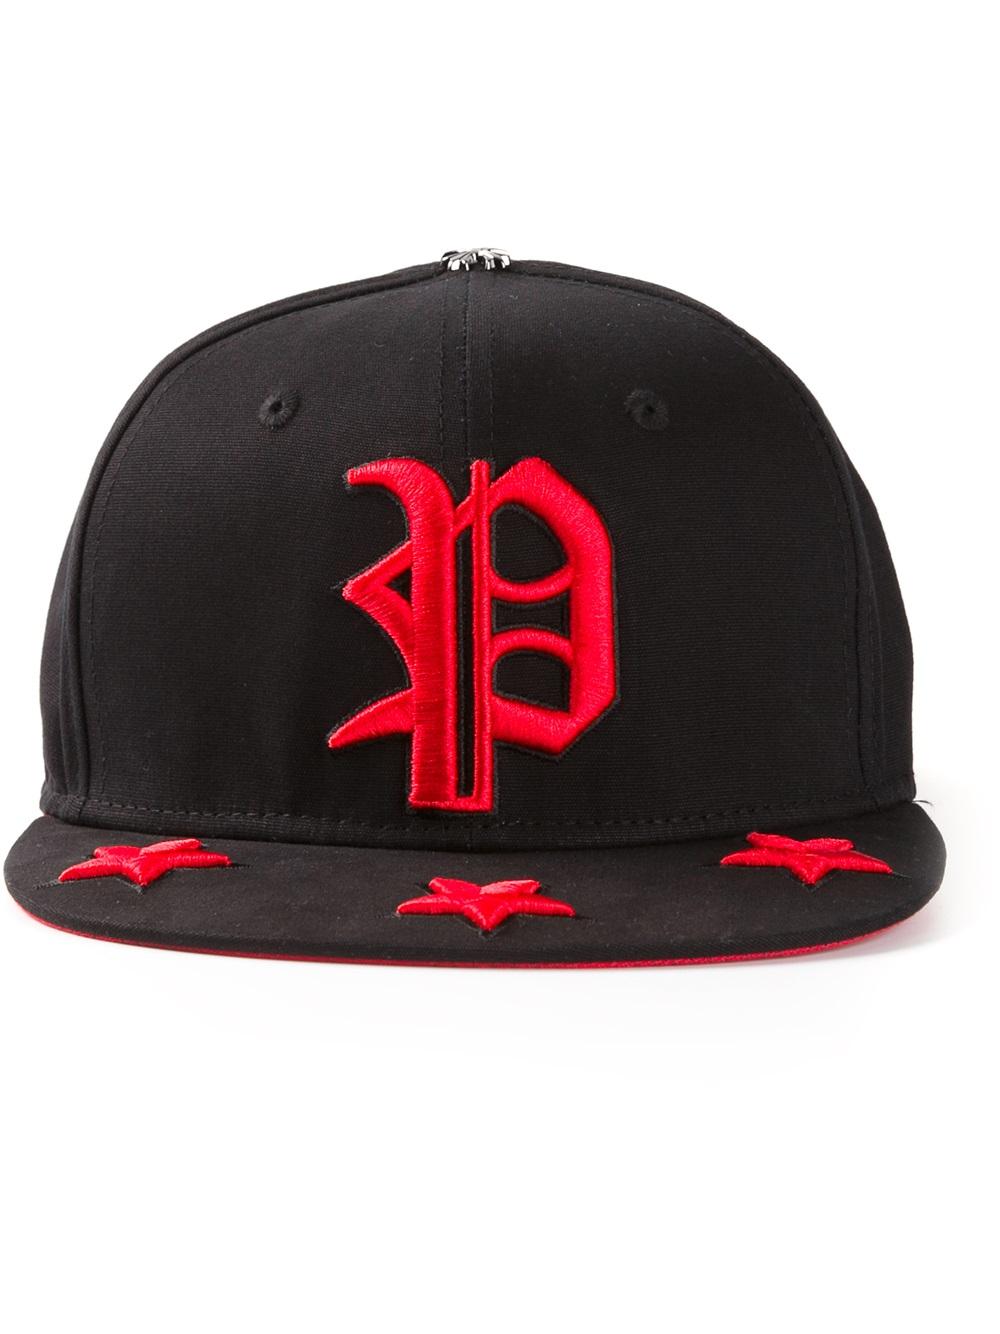 352d7ea4490 Lyst - Philipp Plein Embroidered Logo Baseball Cap in Black for Men